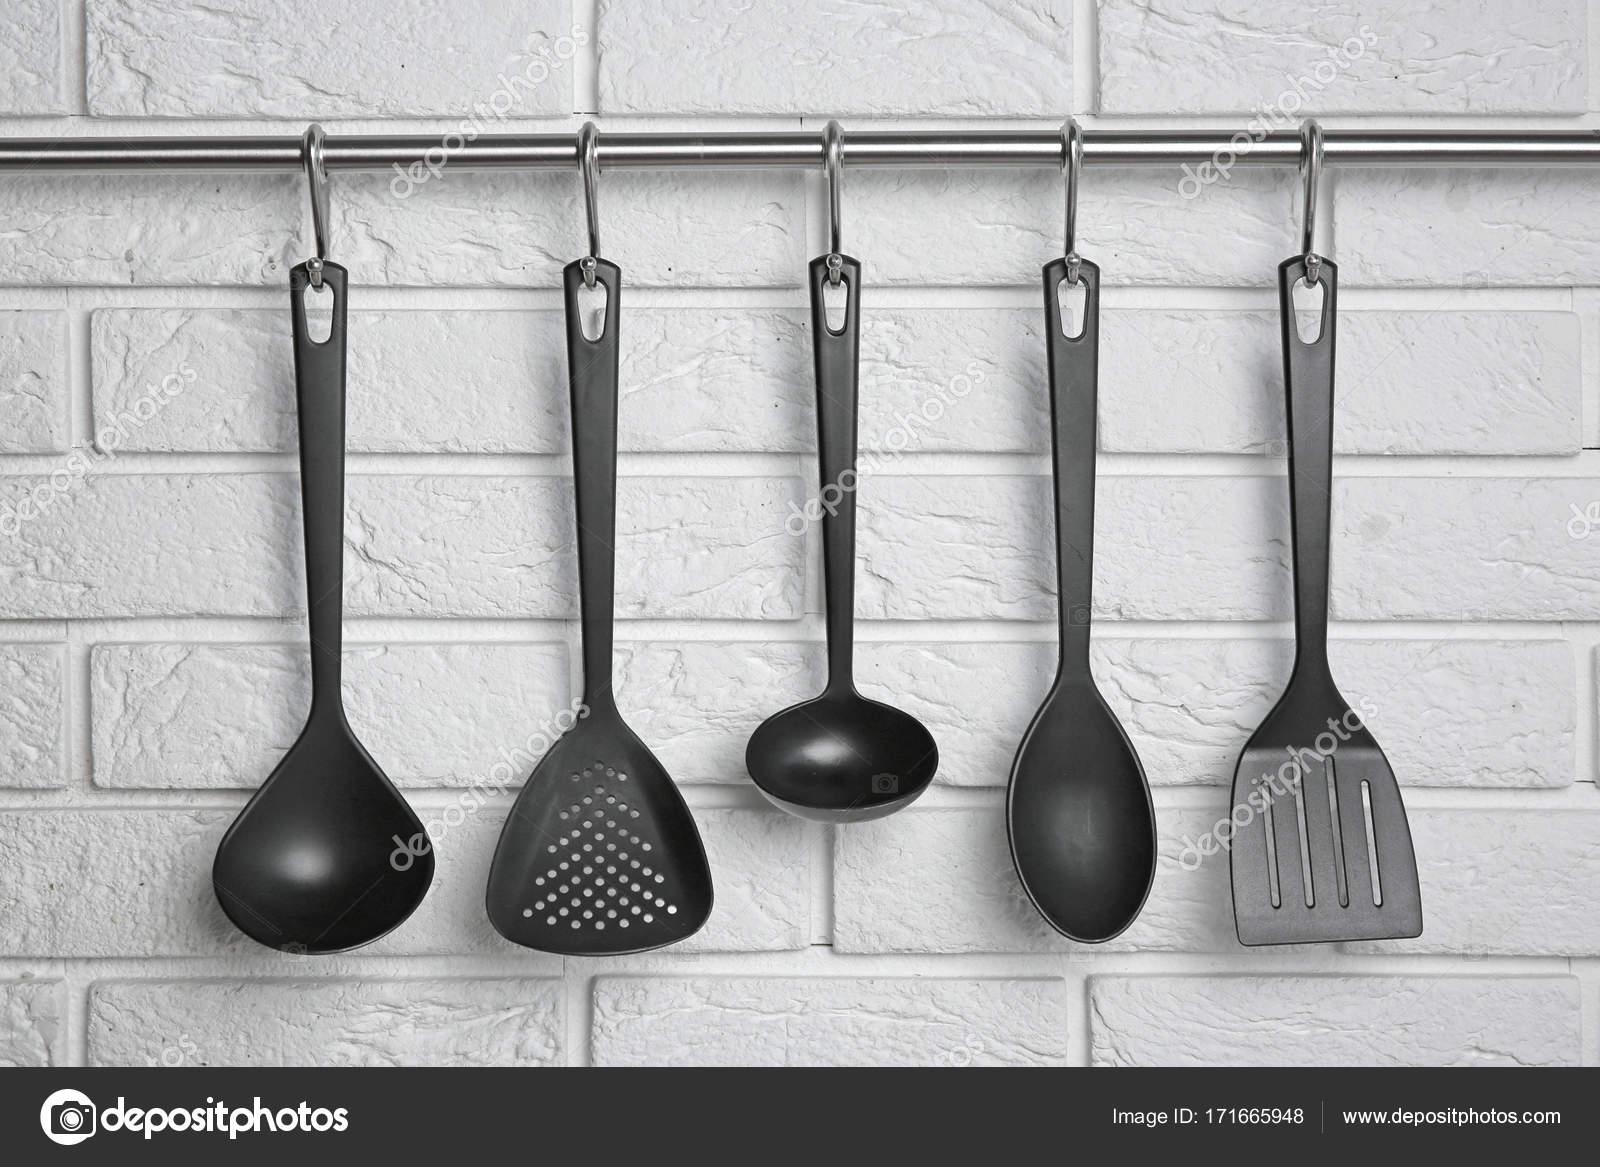 Küchenutensilien hängen rack — Stockfoto © belchonock #171665948